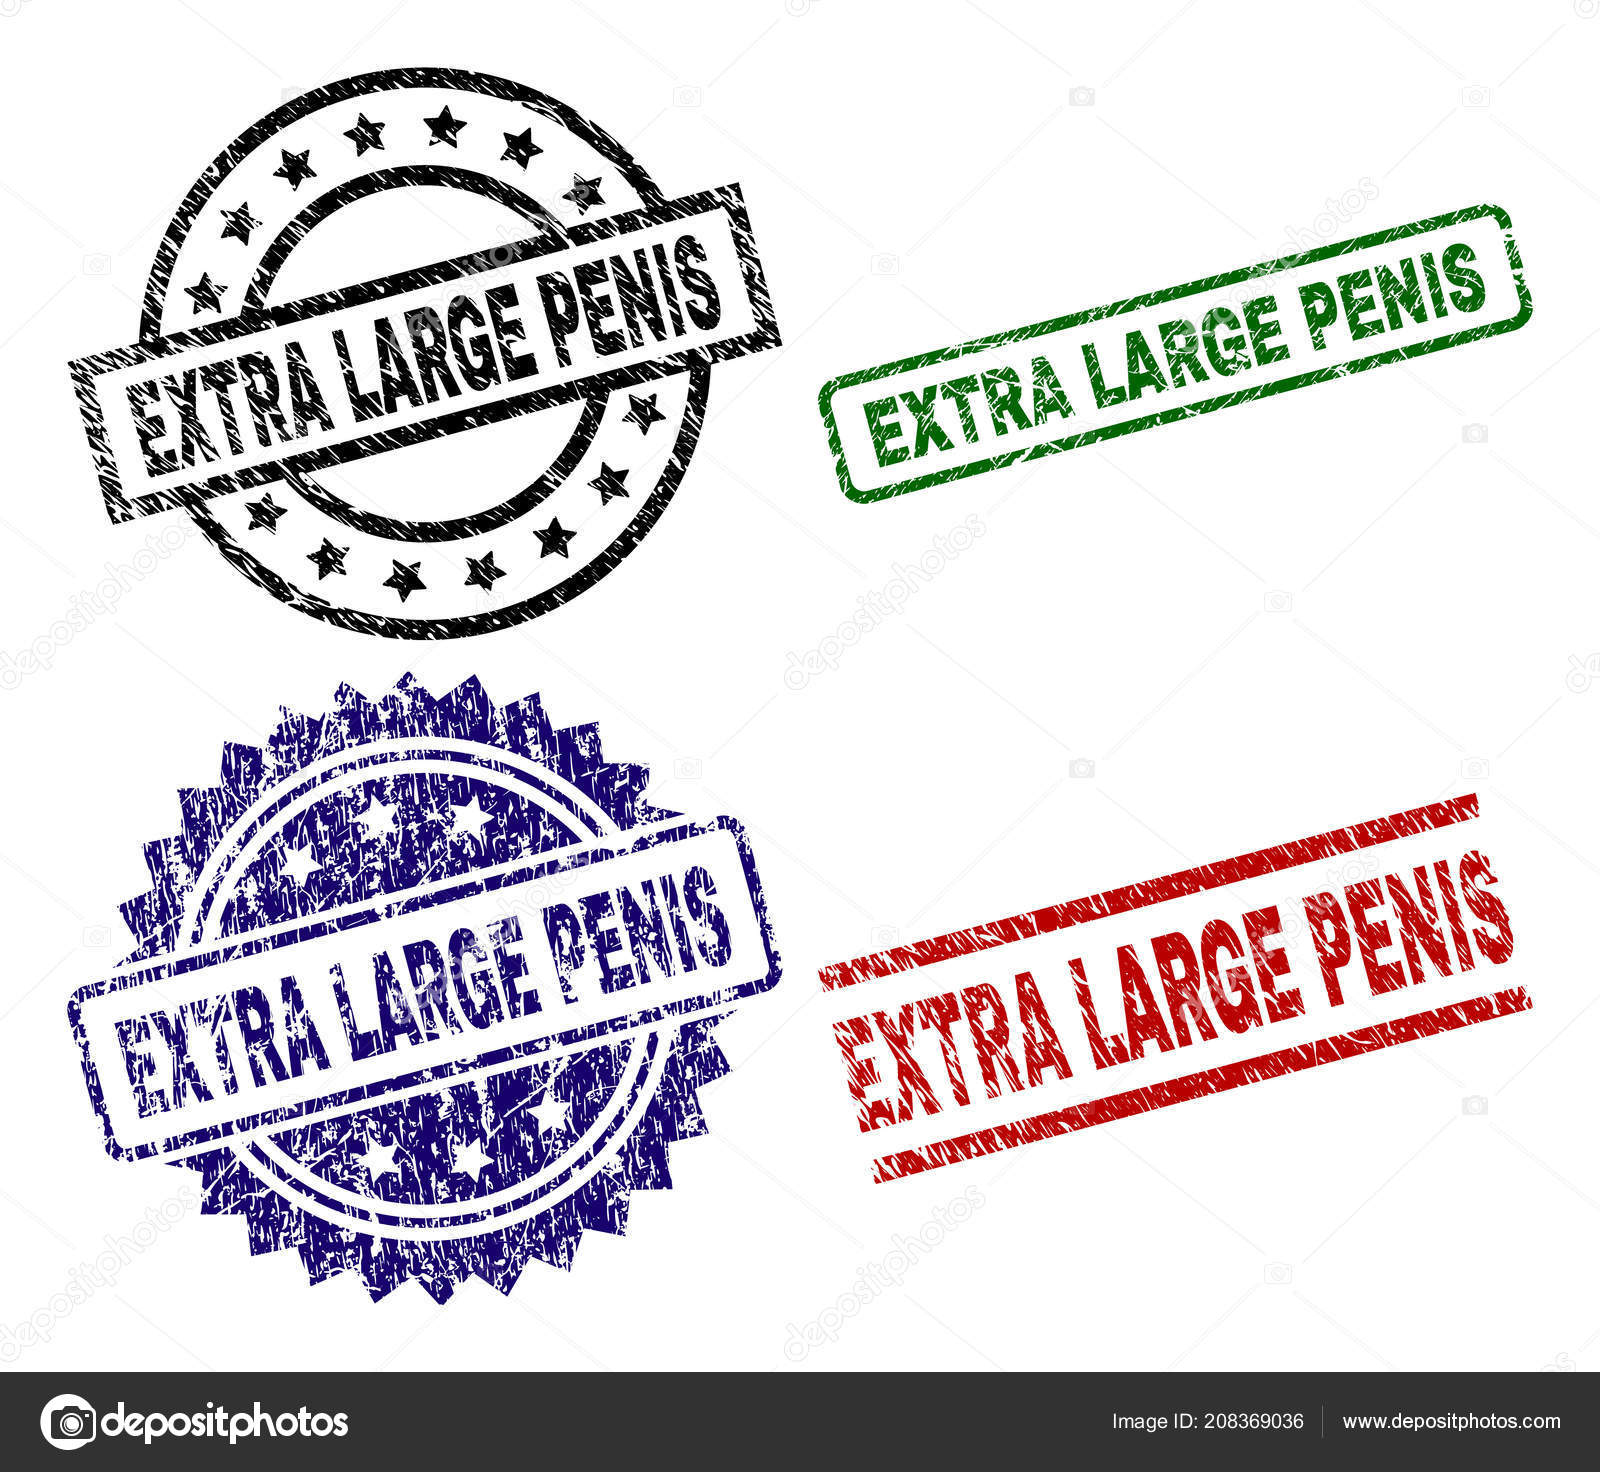 nagy nagy pénisz